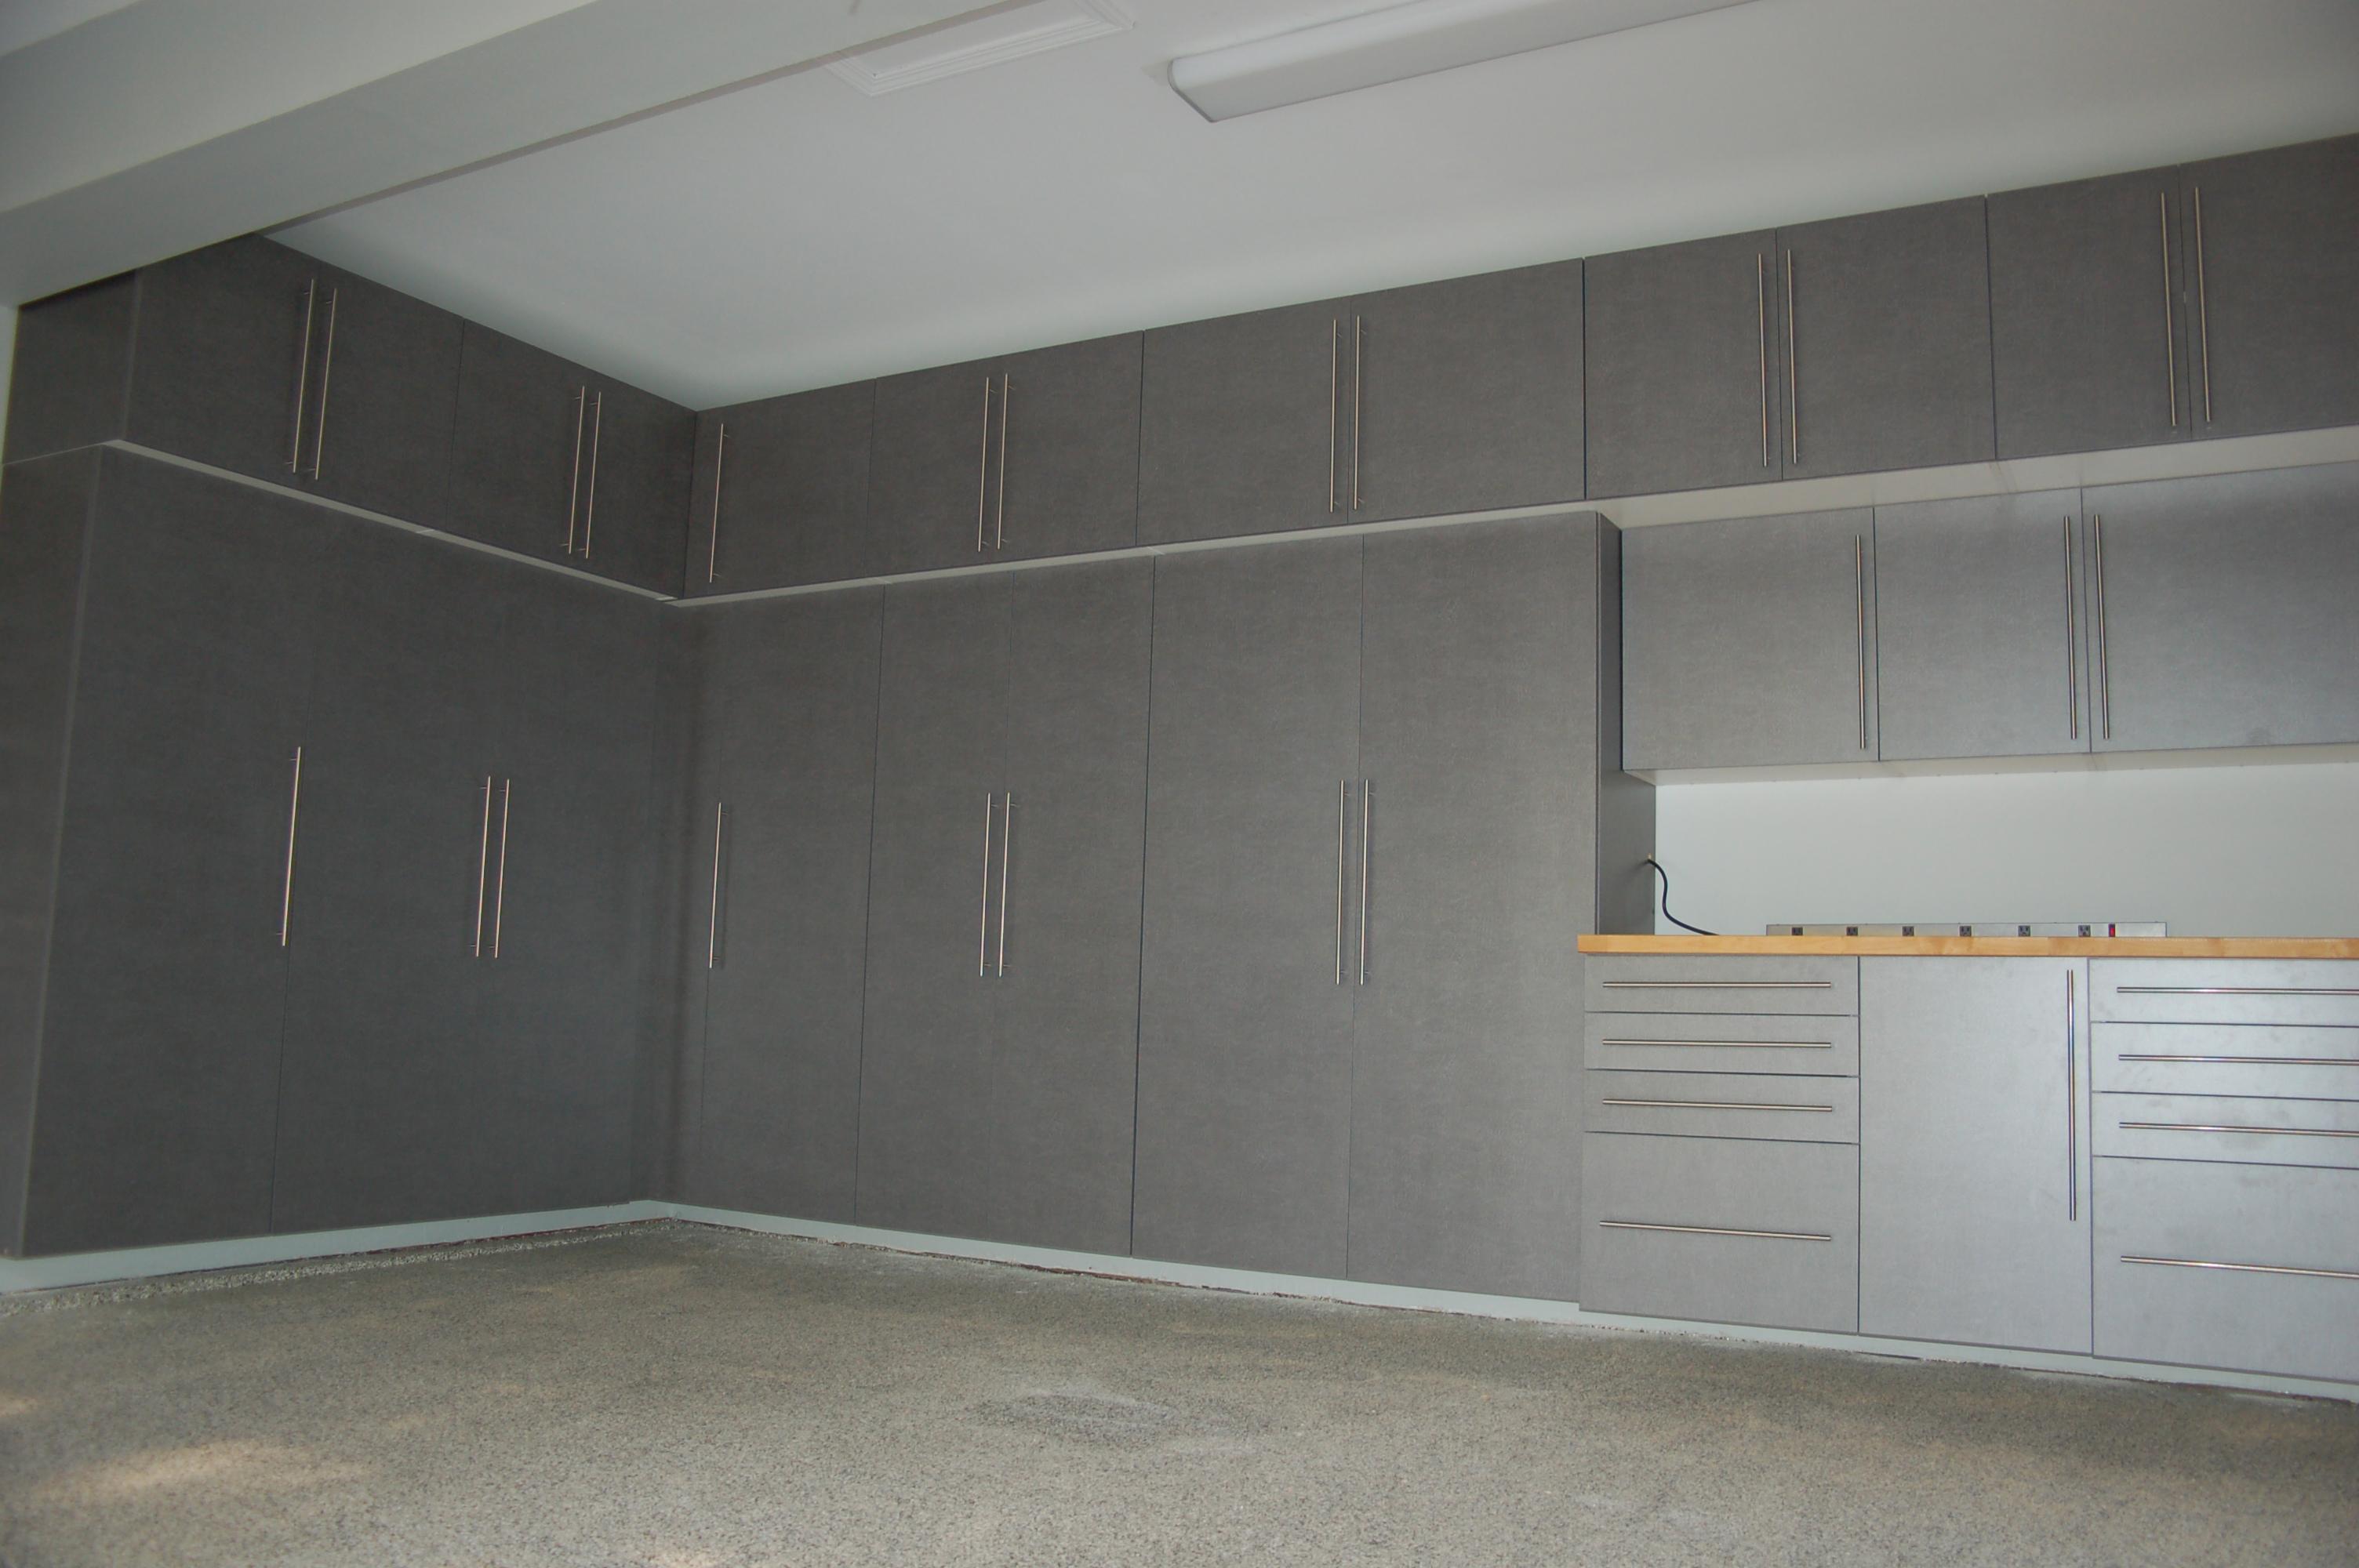 Aurora, OH - Garage Cabinets